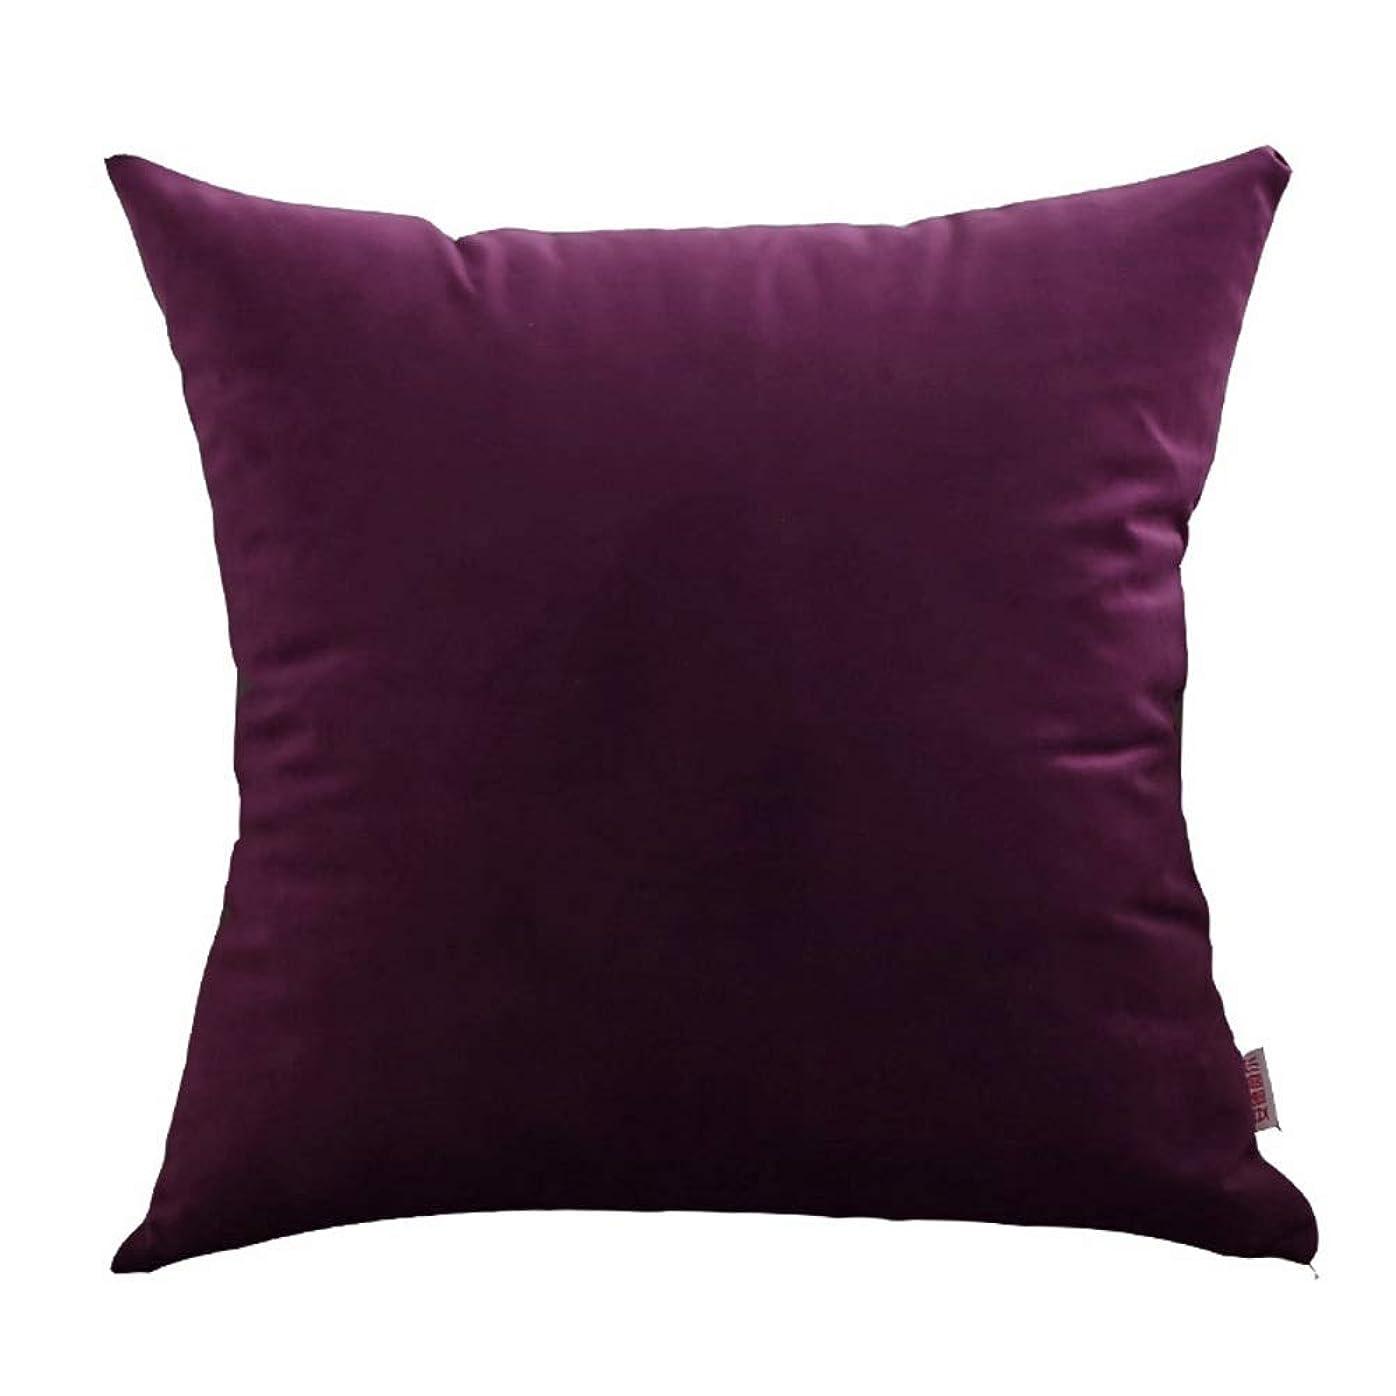 やりすぎバーマド付属品単色 ソフト 枕投げ,リムーバブル スクエア 枕,の ソファ ベッド 車 ウエスト バックを保護 畳 ソフトバッグ-パープル 45*45cm